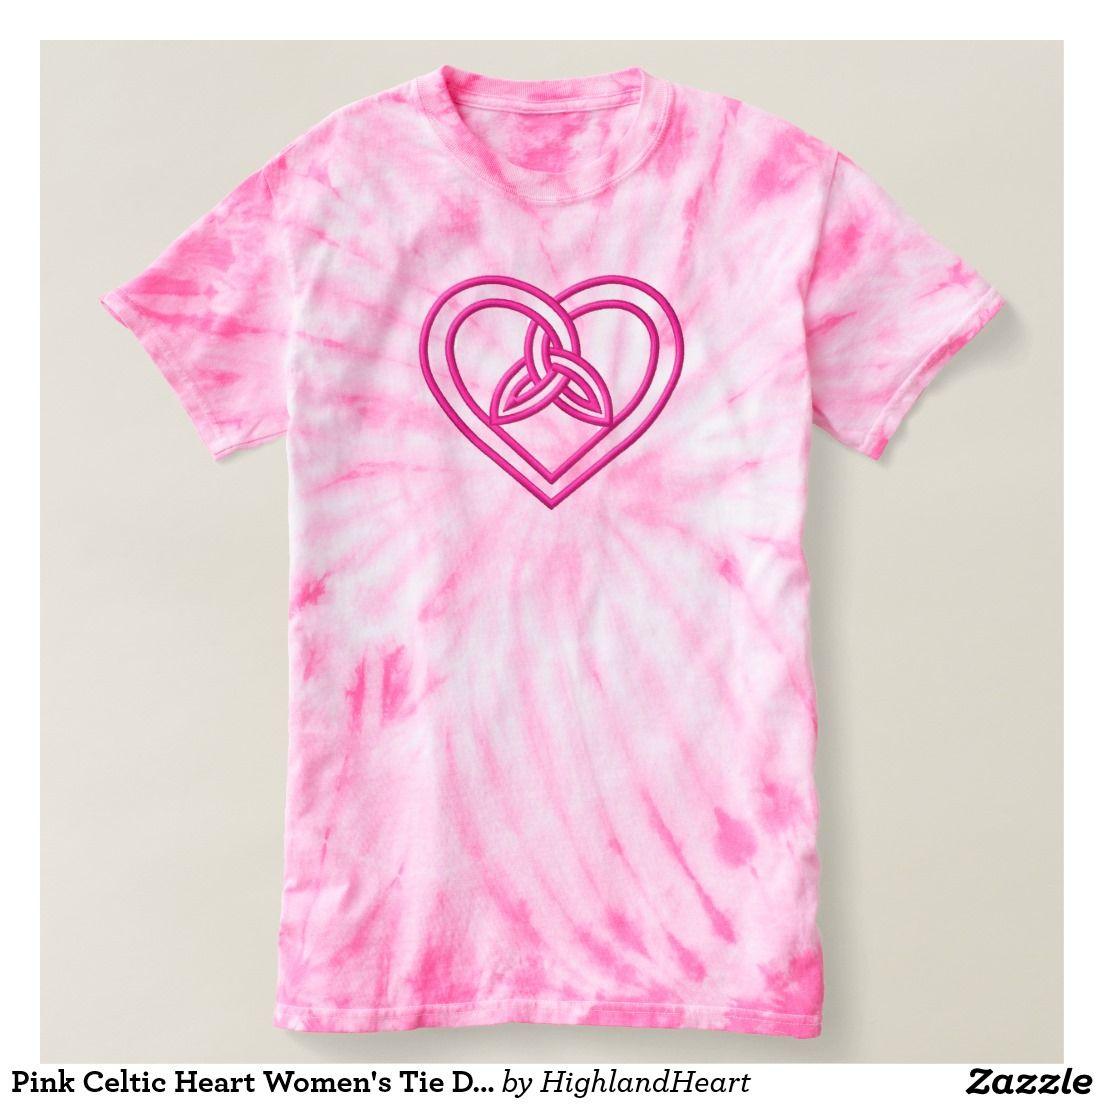 Pink Celtic Heart Women's Tie Dye T-shirt